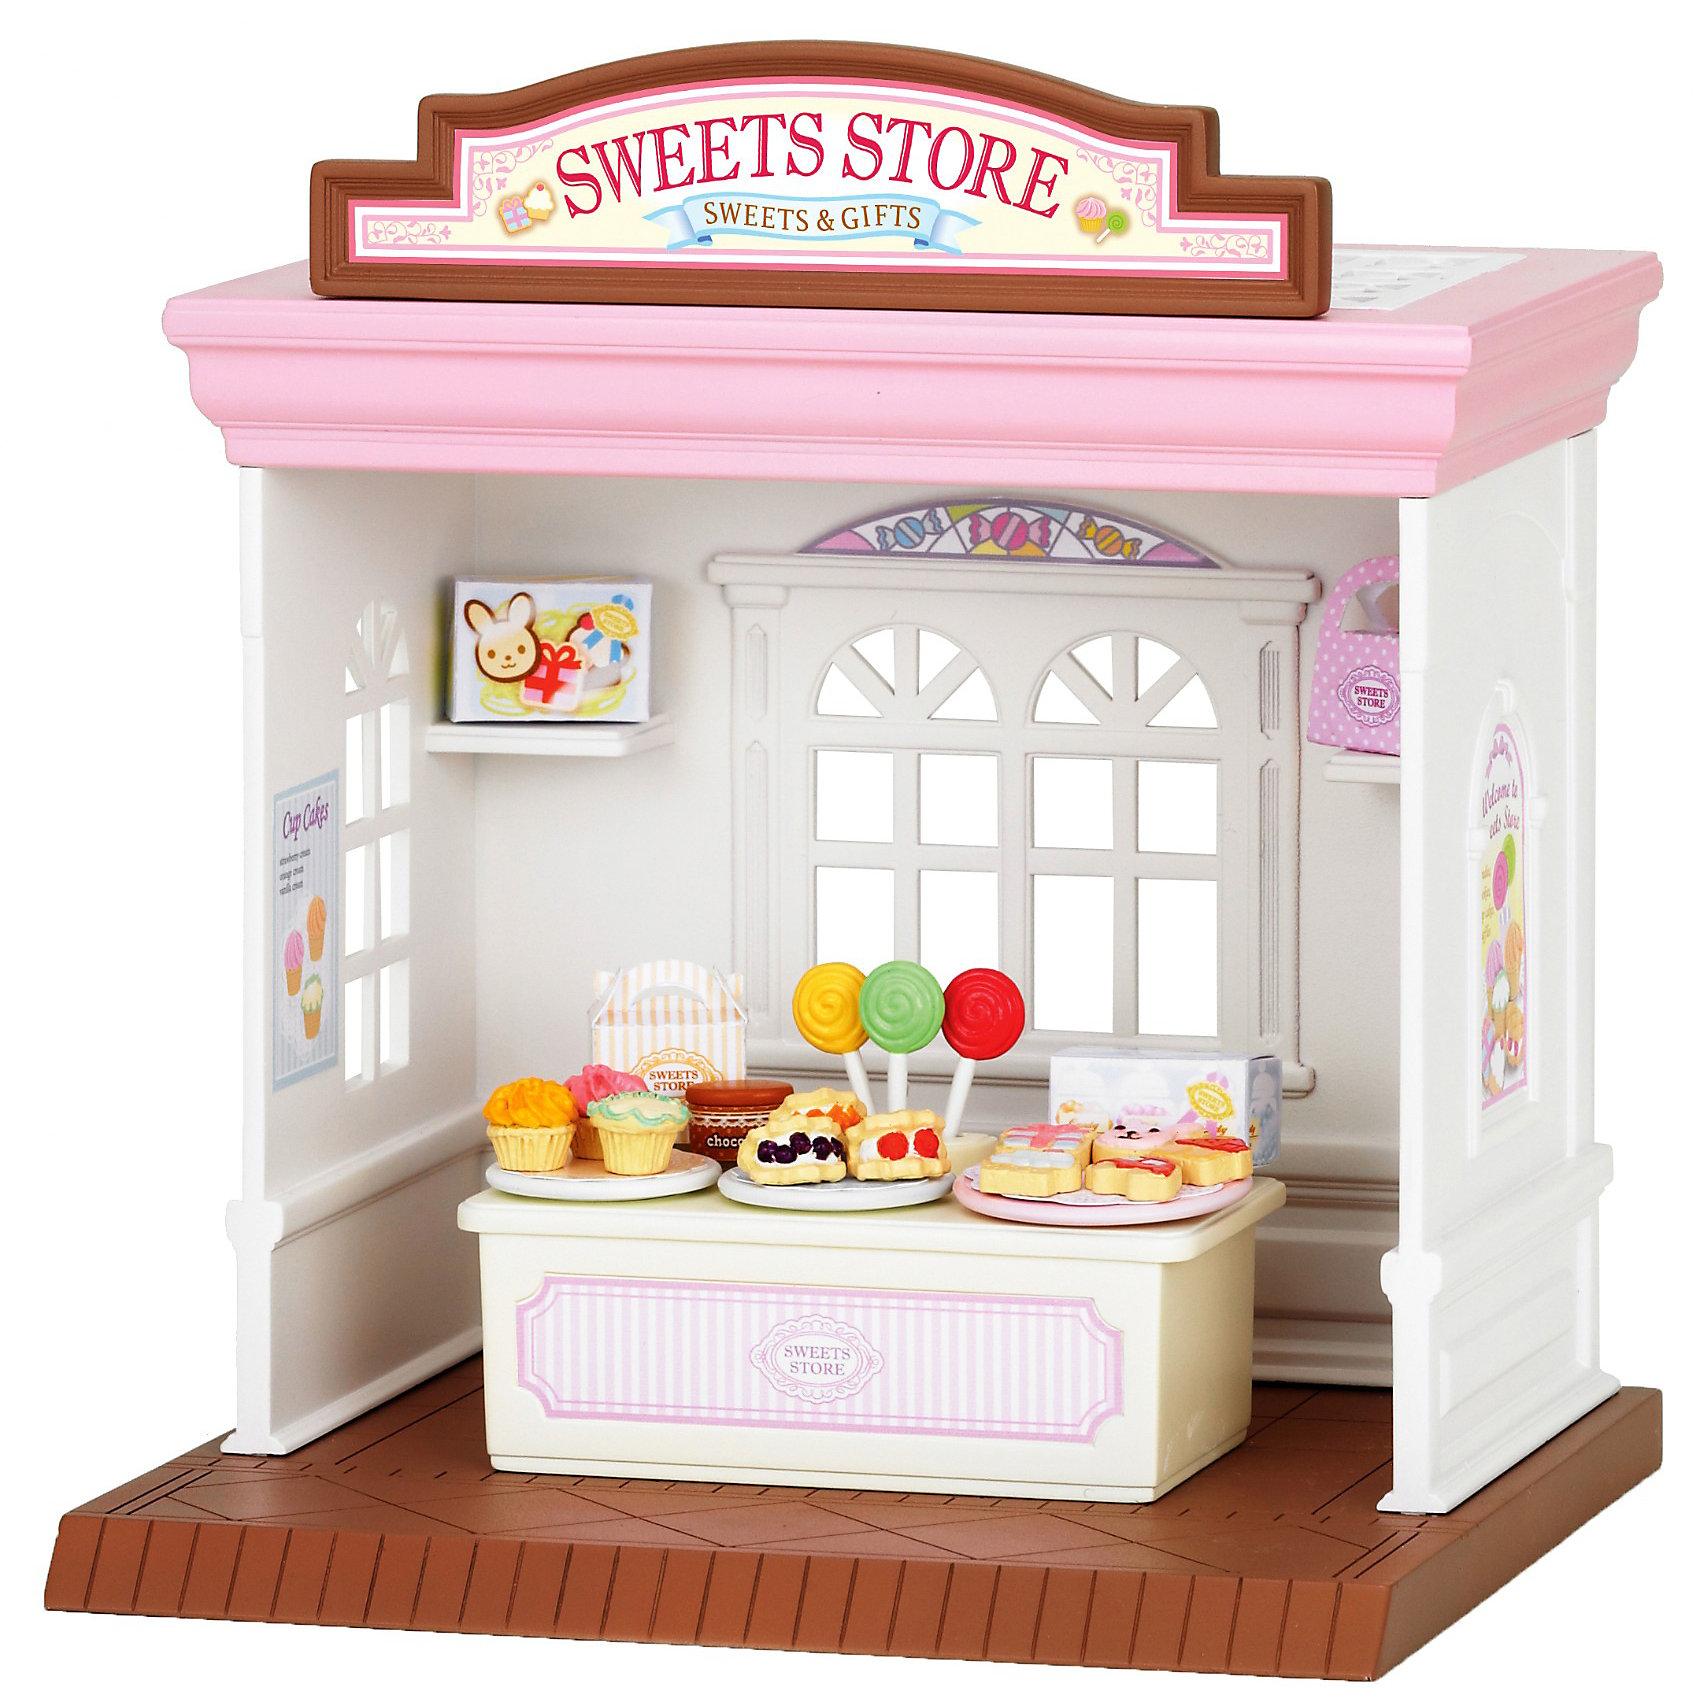 Набор Магазин конфет, Sylvanian FamiliesИгрушечные домики и замки<br>Набор Магазин конфет, Sylvanian Families - игровой набор, который наверняка порадует Вашего ребенка.<br><br>Дополнительная информация:<br><br>- В набор входит  магазин, прилавок с различными сладостями, коробочки для упаковки конфет.<br>- Фигурки героев в комплект не входят<br>- Совмещается с набором: «Магазин игрушек» и «Супермаркет»<br>- Размеры коробки: 18х16х18 см<br><br><br>Набор Магазин конфет, Sylvanian Families можно купить в нашем интернет магазине.<br><br>Ширина мм: 186<br>Глубина мм: 182<br>Высота мм: 162<br>Вес г: 474<br>Возраст от месяцев: 36<br>Возраст до месяцев: 72<br>Пол: Женский<br>Возраст: Детский<br>SKU: 3345293